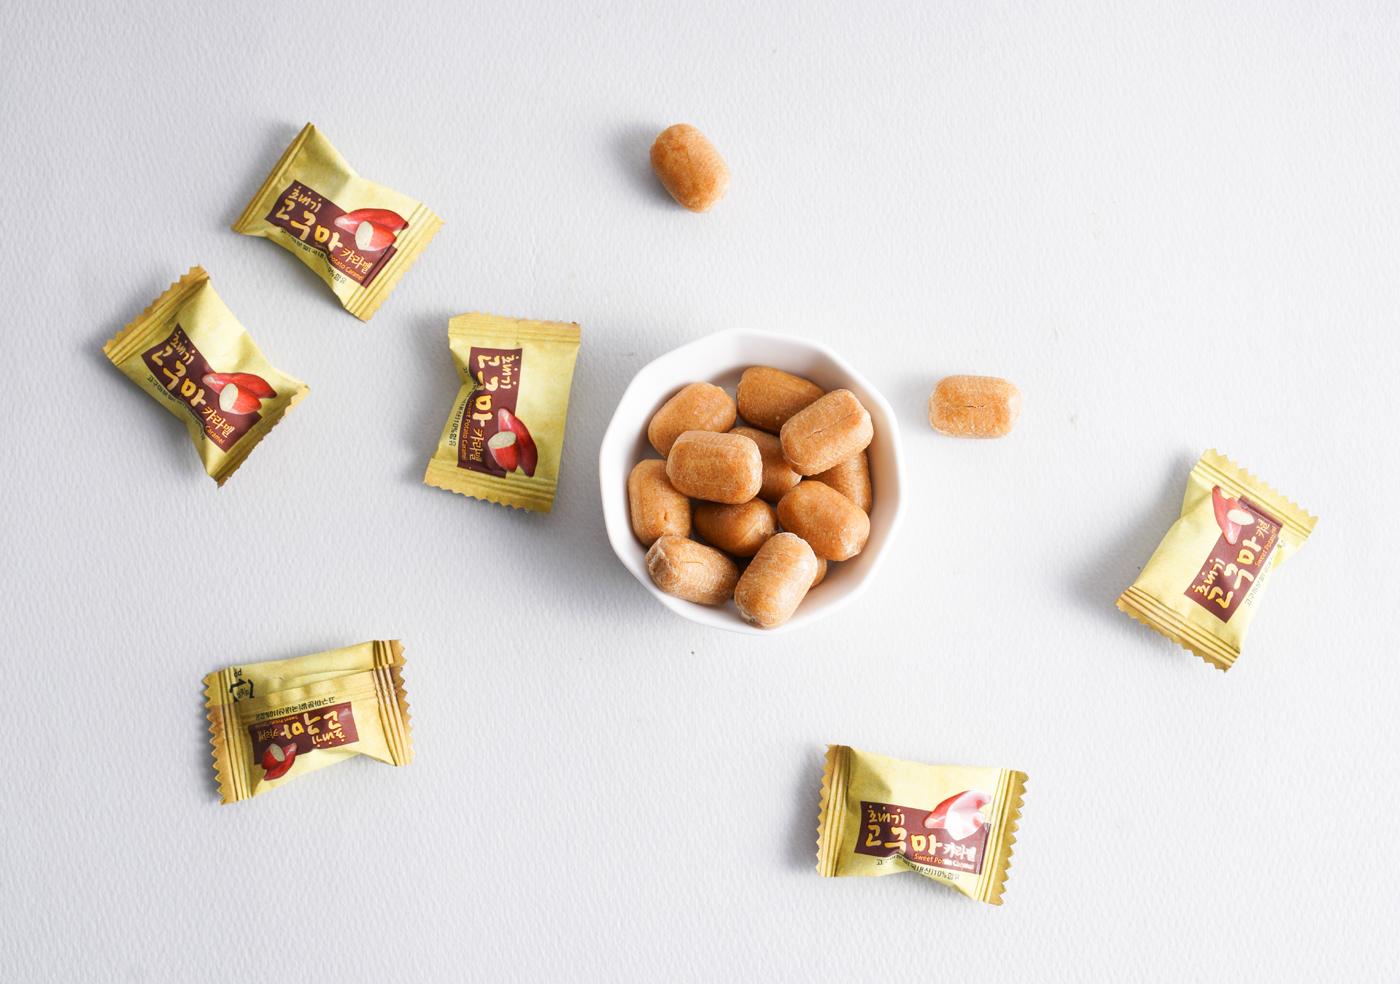 조내기 고구마 카라멜(80g)/고구마 50%가 함유되어 이에 달라붙지 않는 달콤 카라멜 상세이미지3